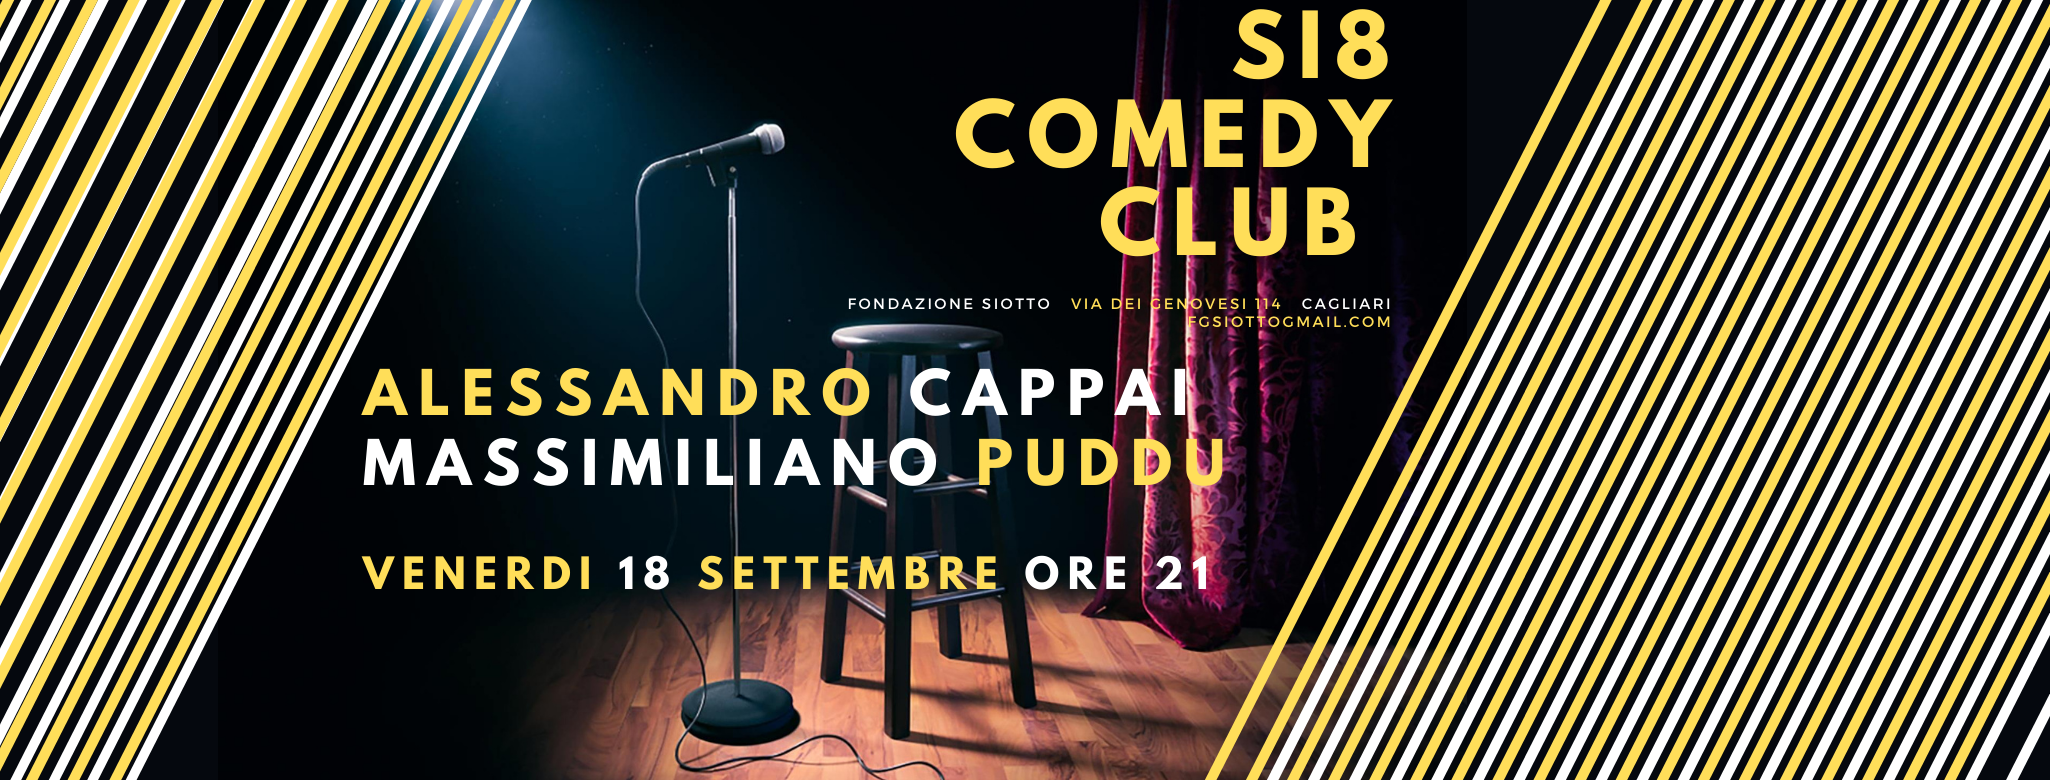 Si8 Comedy Club #1 – Alessandro Cappai e Massimiliano Puddu